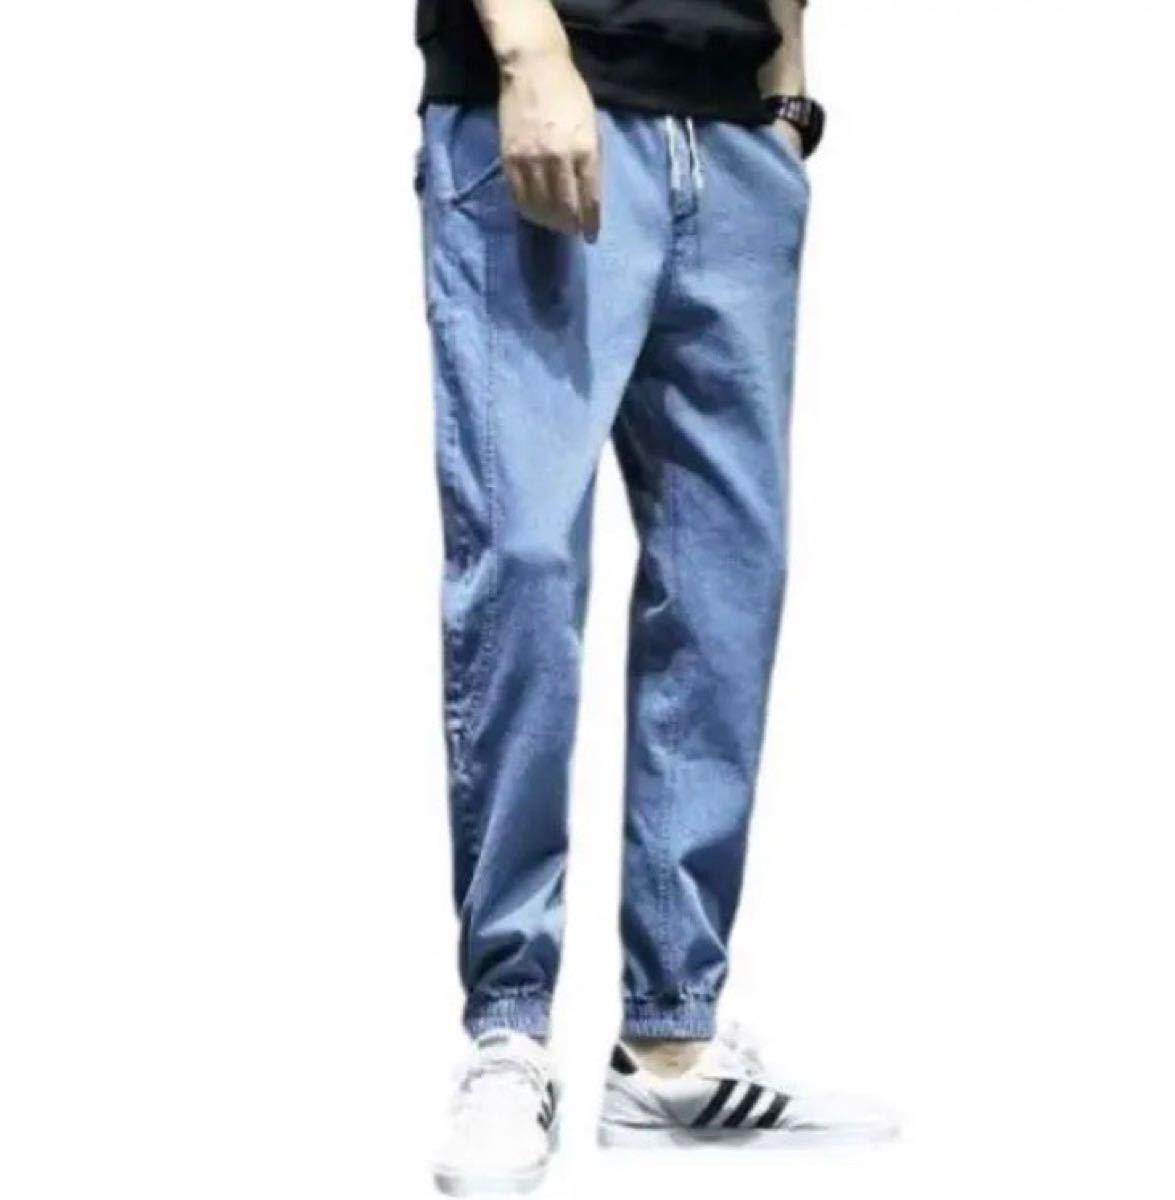 デニム ジョガーパンツ メンズ 男女兼用  筋トレ ストレッチ ダイエット XL